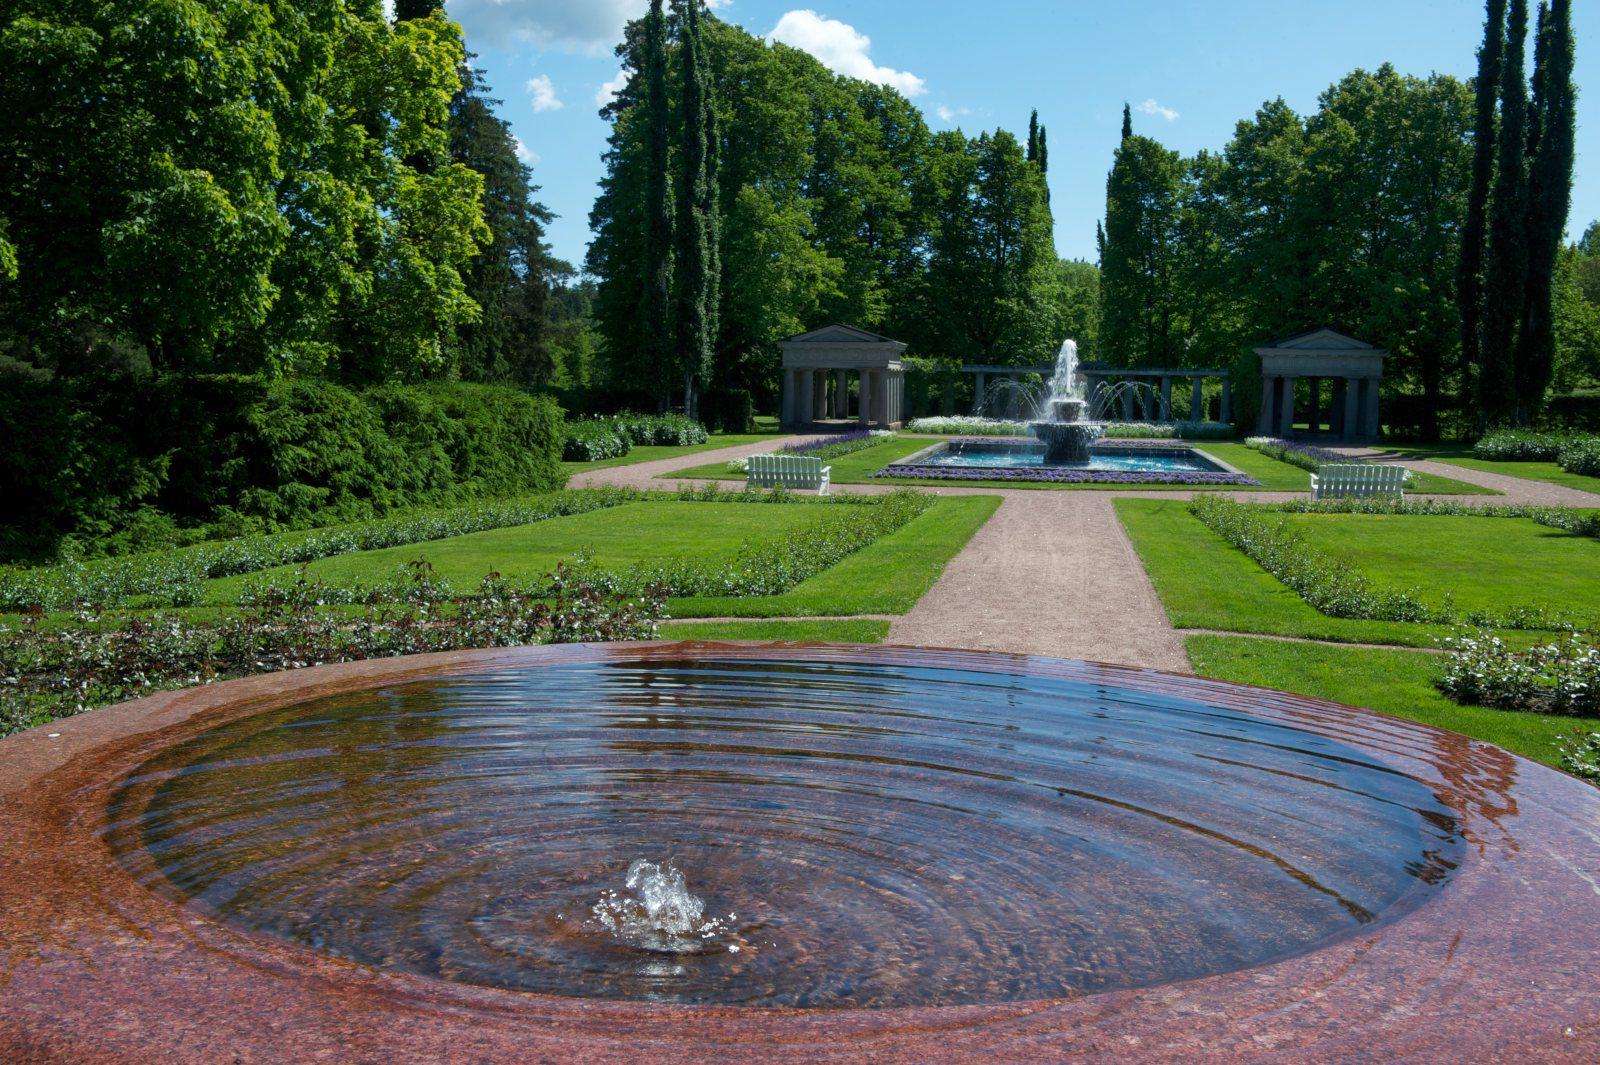 Kultarannan puutarhan graniittinen suihkulähde, jossa pulppuaa vesi.